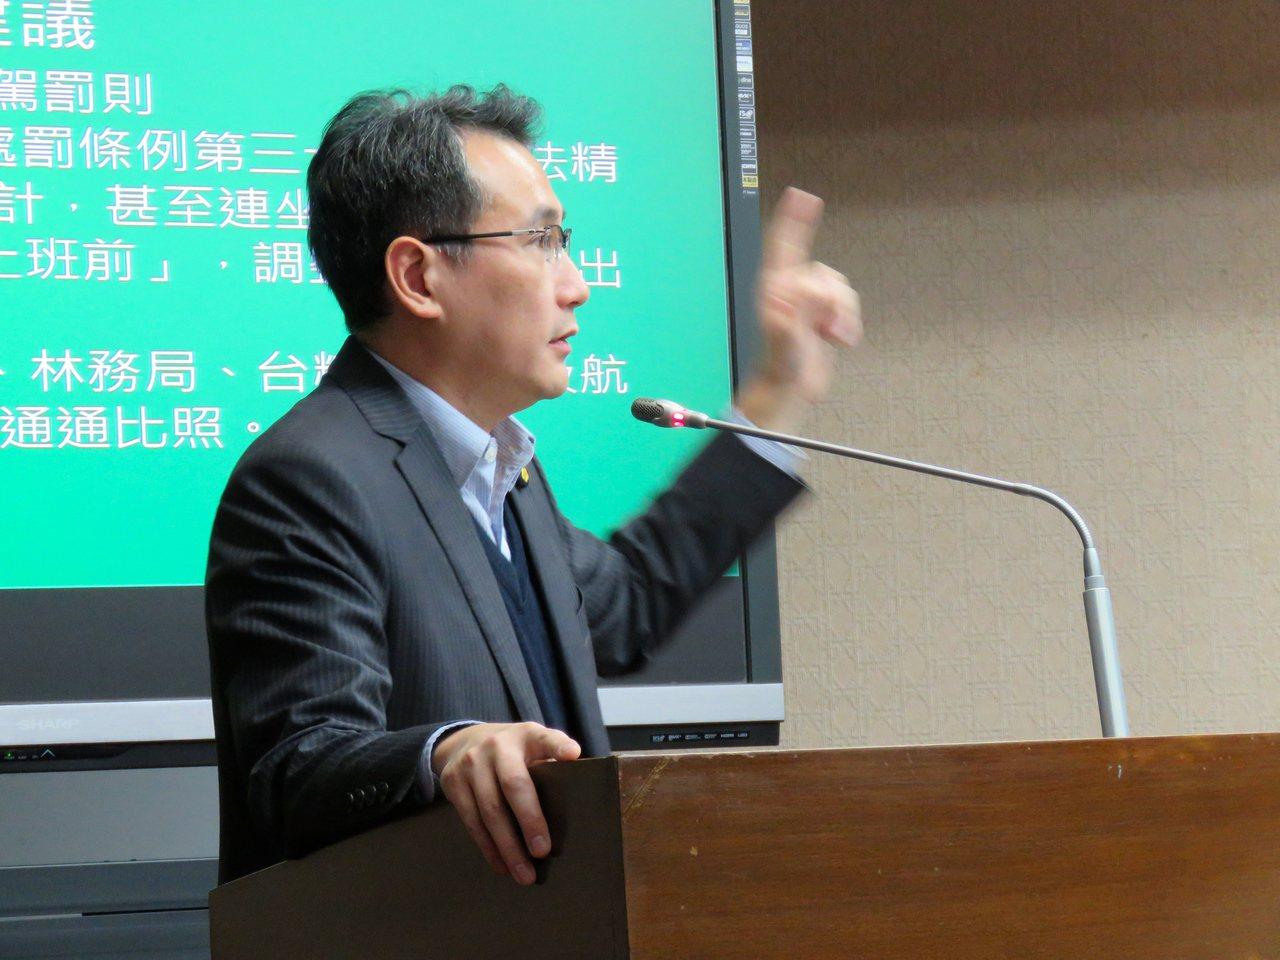 立法委員鄭運鵬建議列車酒駕也該有最高9萬元的行政罰。記者雷光涵/攝影